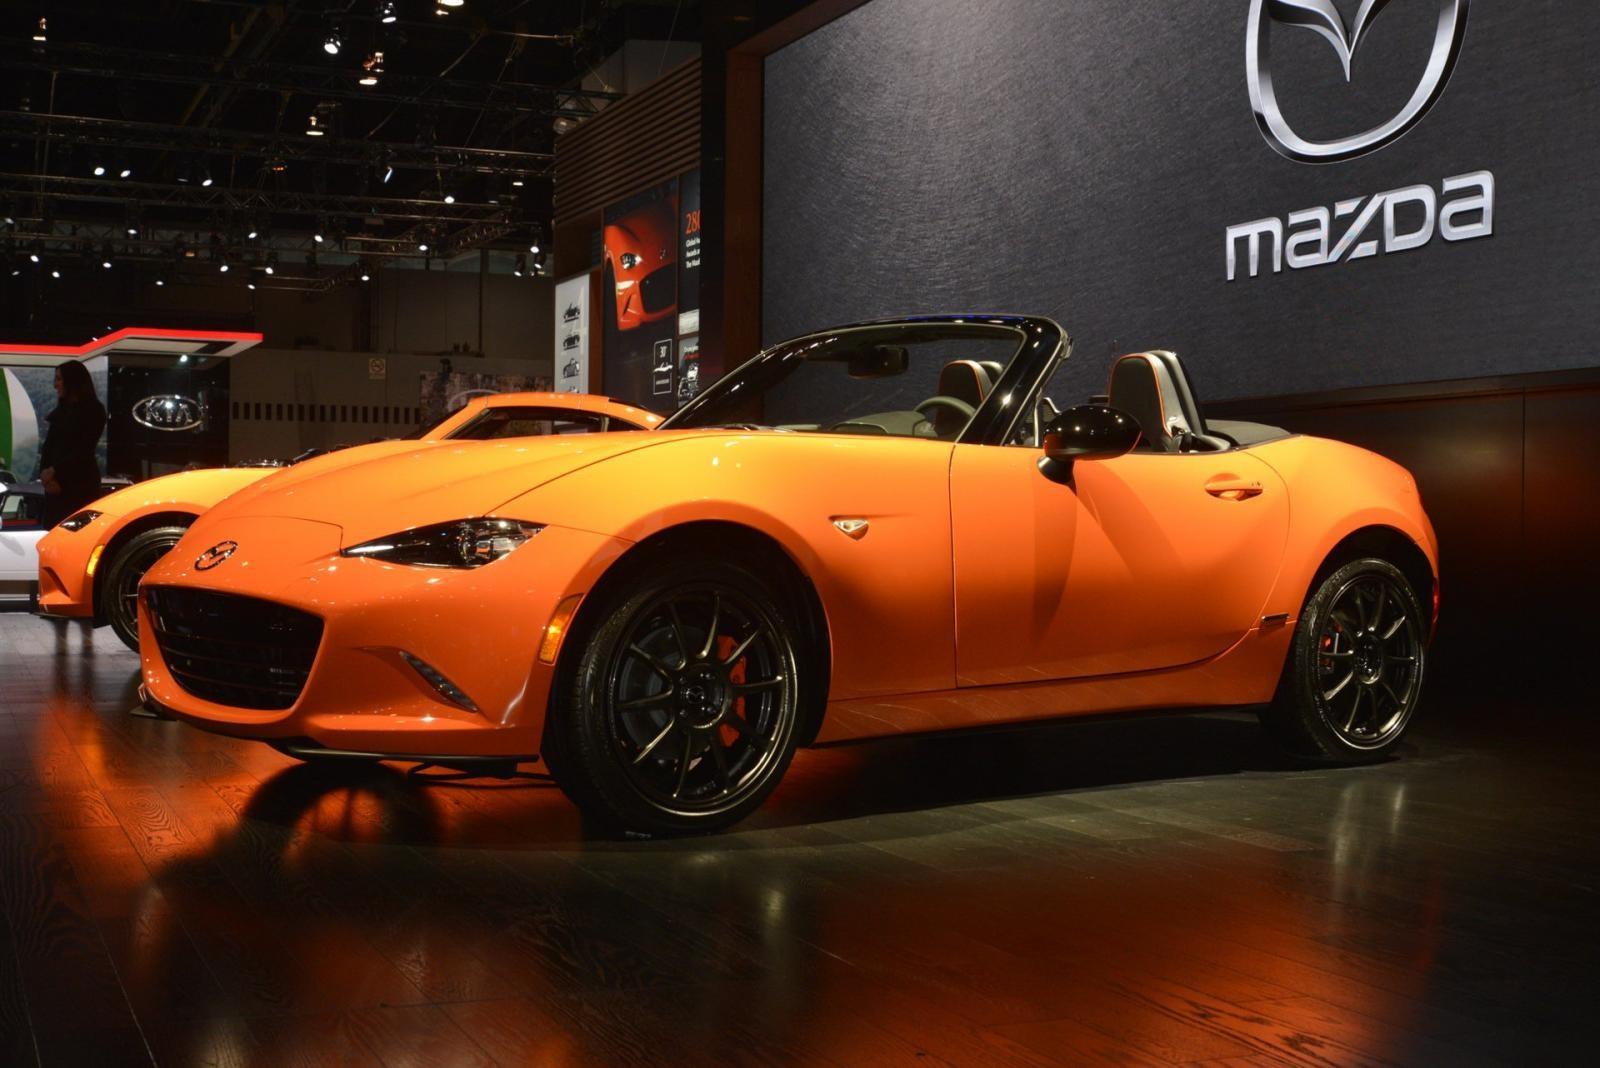 Mazda MX-5 30th Anniversary Edition ra mắt ở Triển lãm Ô tô Chicago 2019